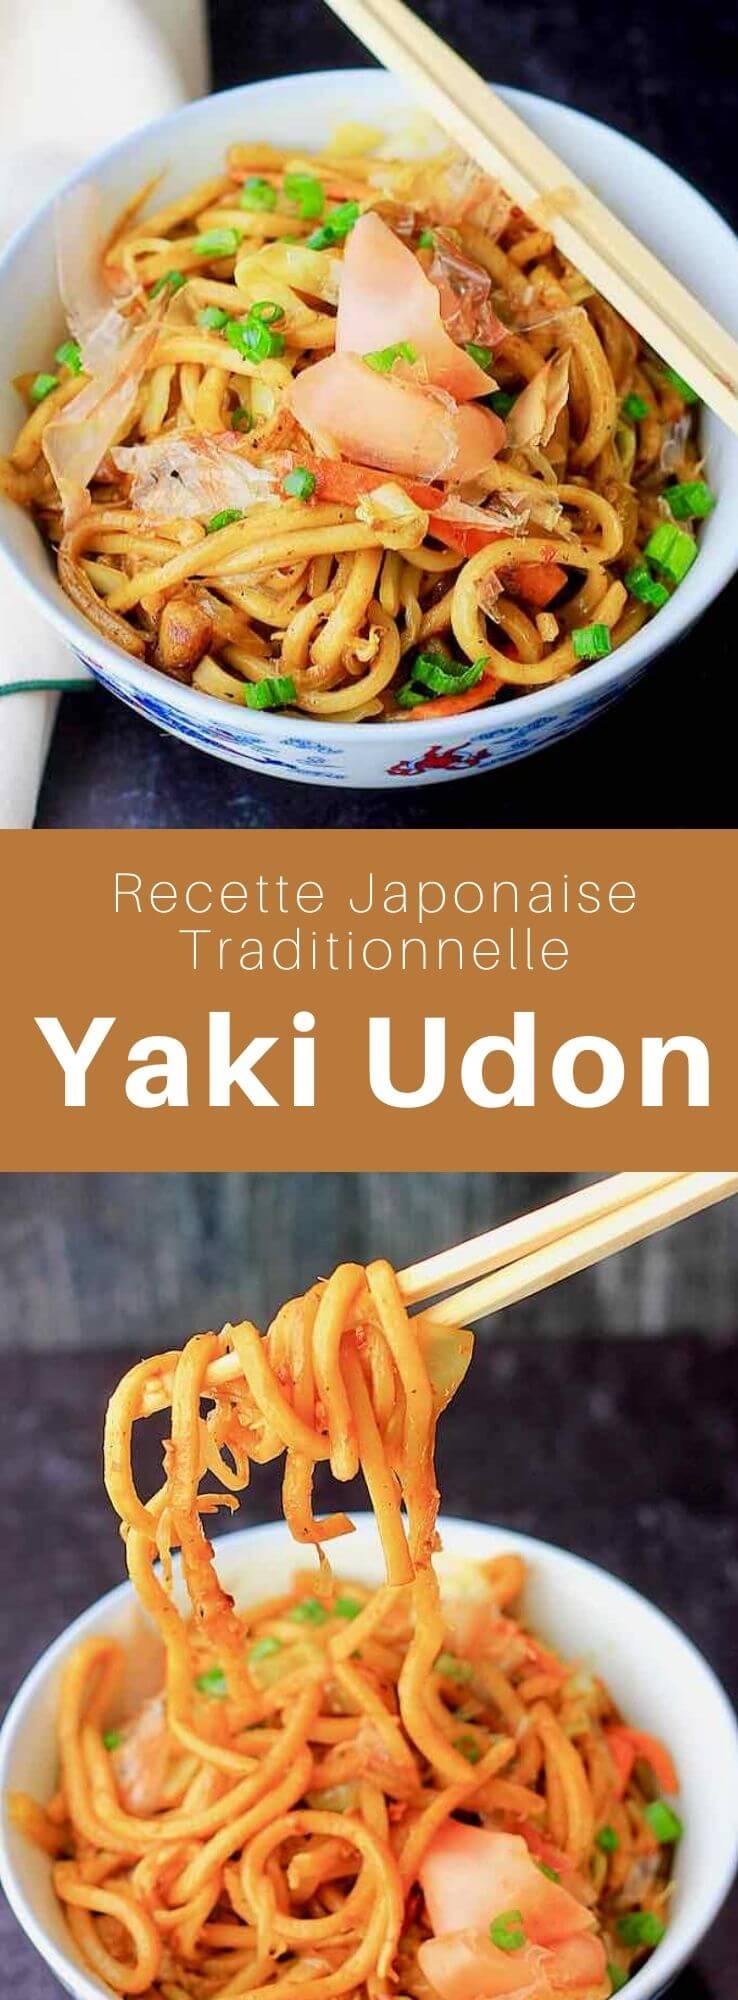 Le yaki udon (焼きうどん ou 焼き饂飩) est un délicieux plat japonais sauté d'udon (nouilles), préparé à base de viande et de légumes. #Japon #CuisineJaponaise #RecetteJaponaise #CuisineDuMonde #196flavors